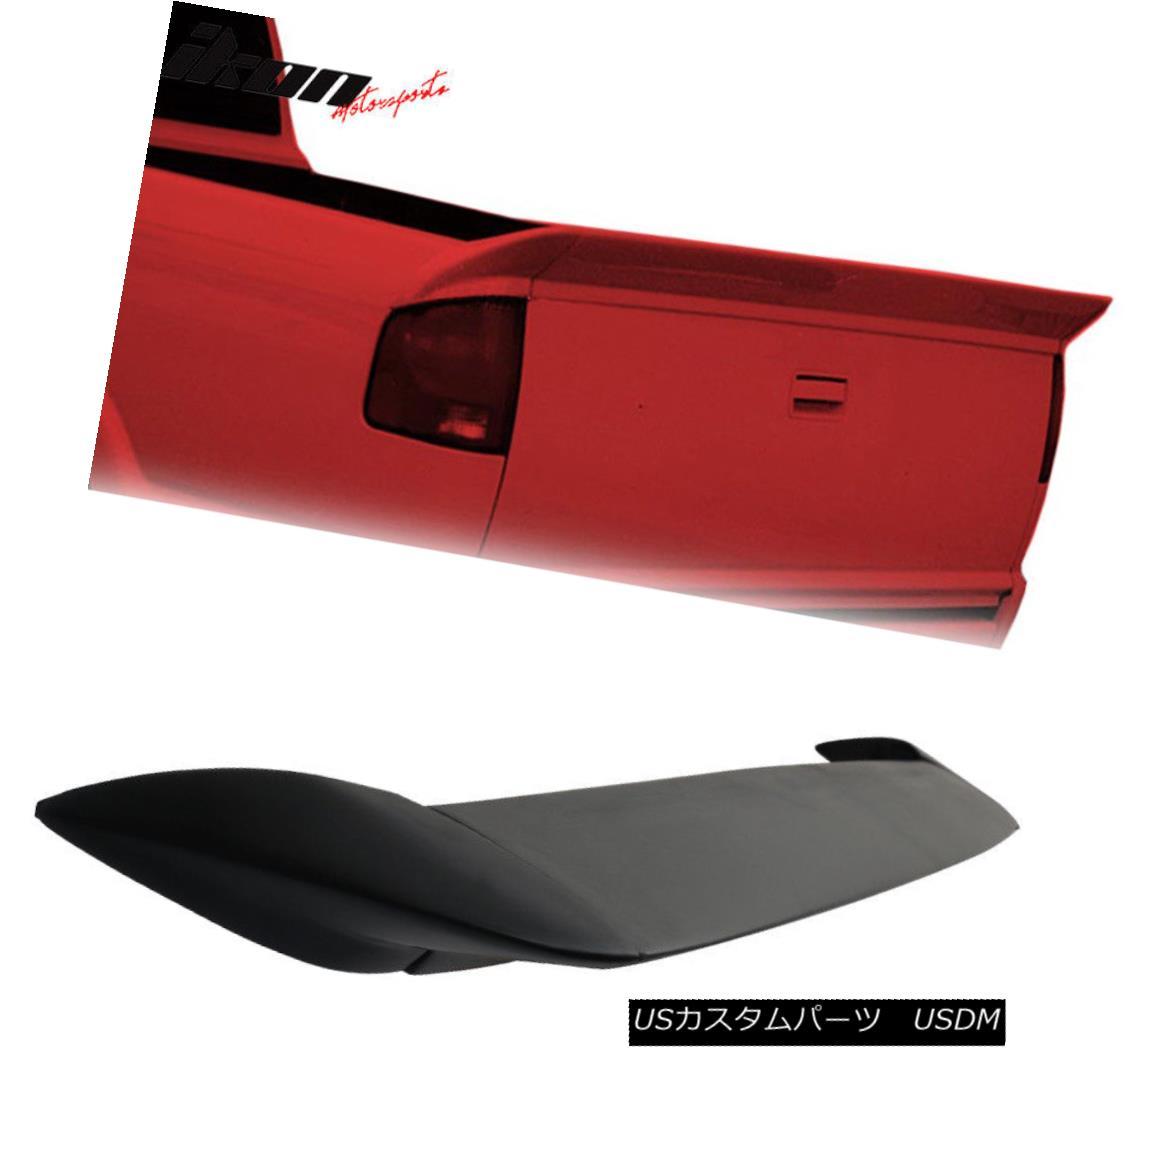 エアロパーツ Fits 94-03 S10 Sonoma WW Style Rear Tailgate Trunk Spoiler 3PC - PU Urethane フィット94-03 S10ソノマWWスタイルリアテールゲートトランクスポイラー3PC - PUウレタン